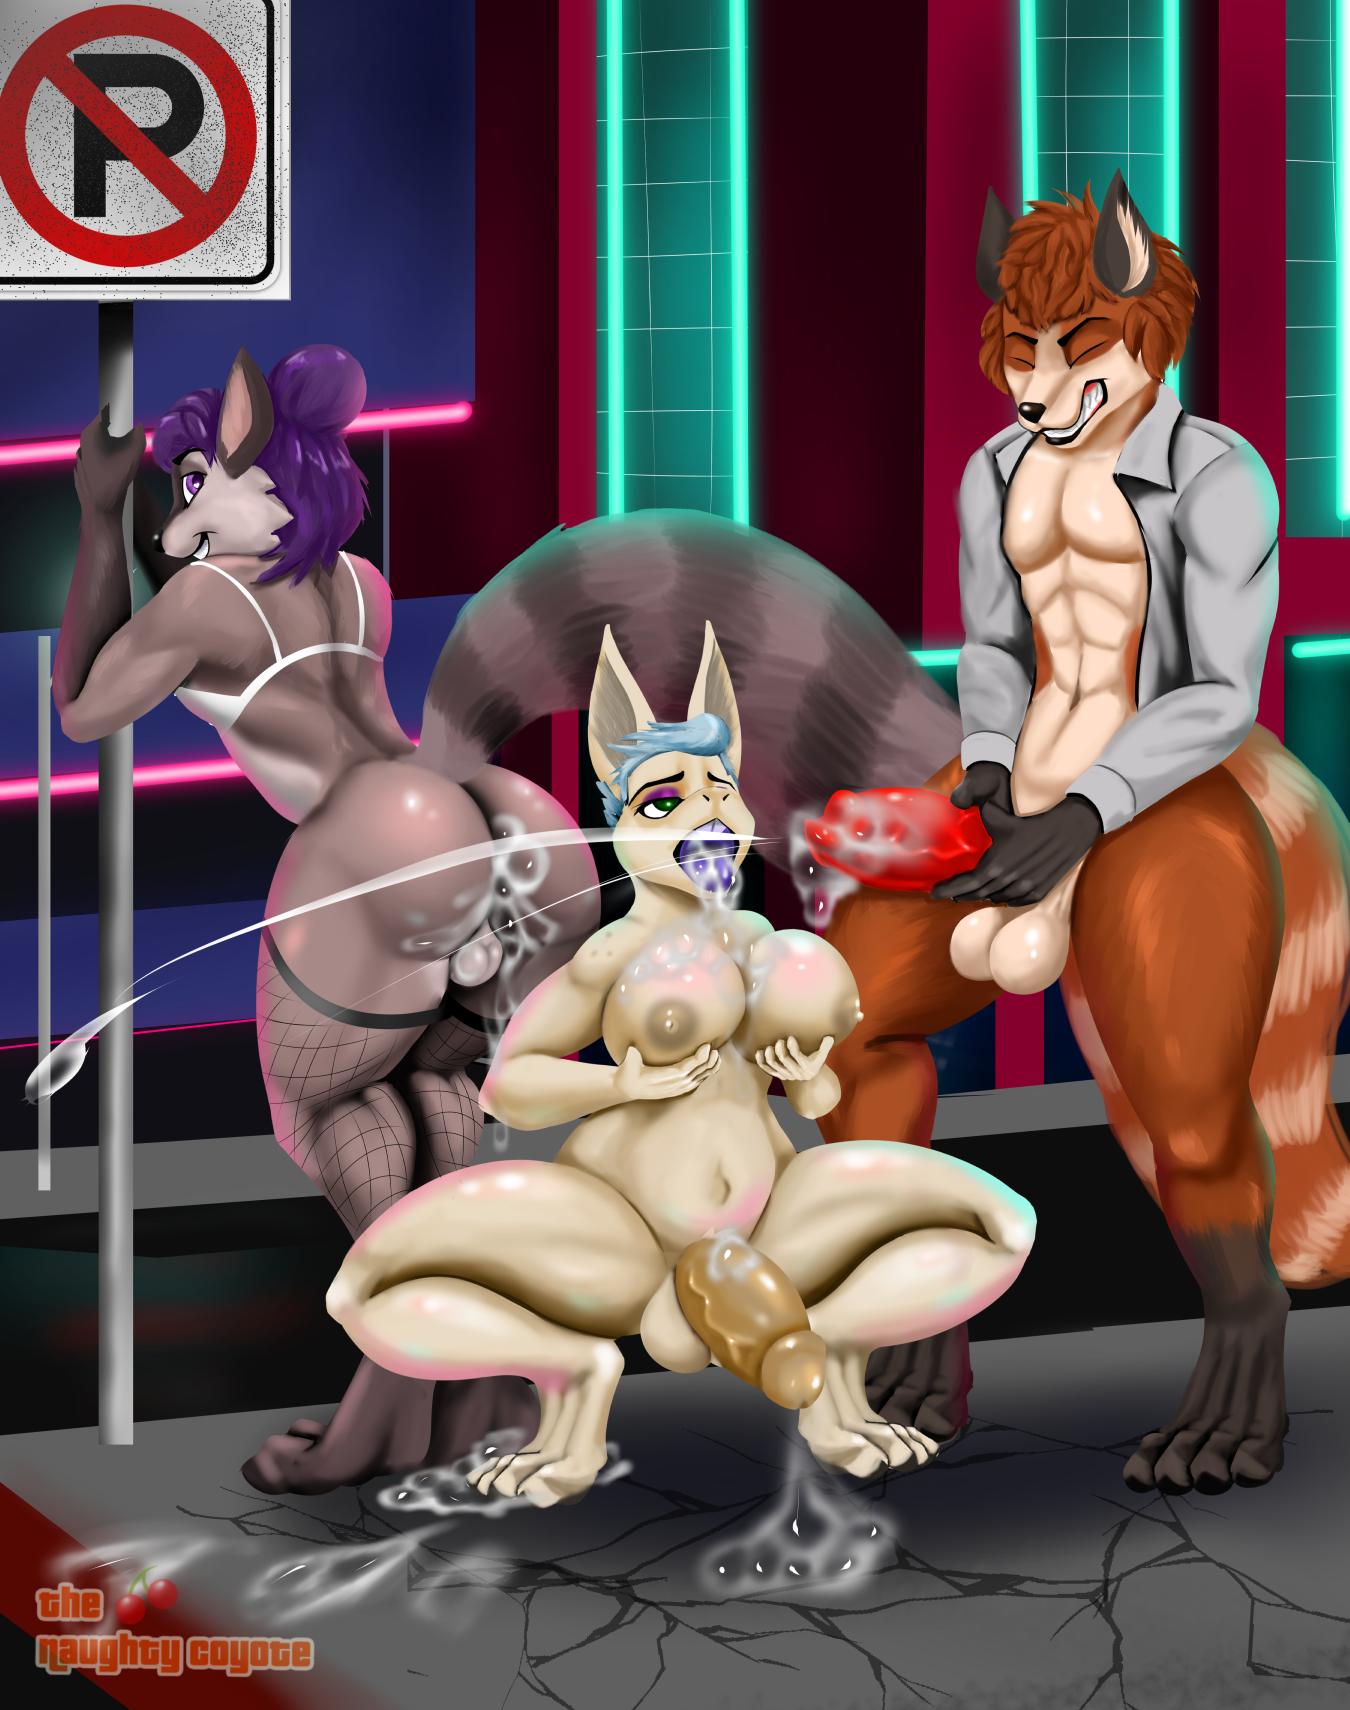 furry orgy